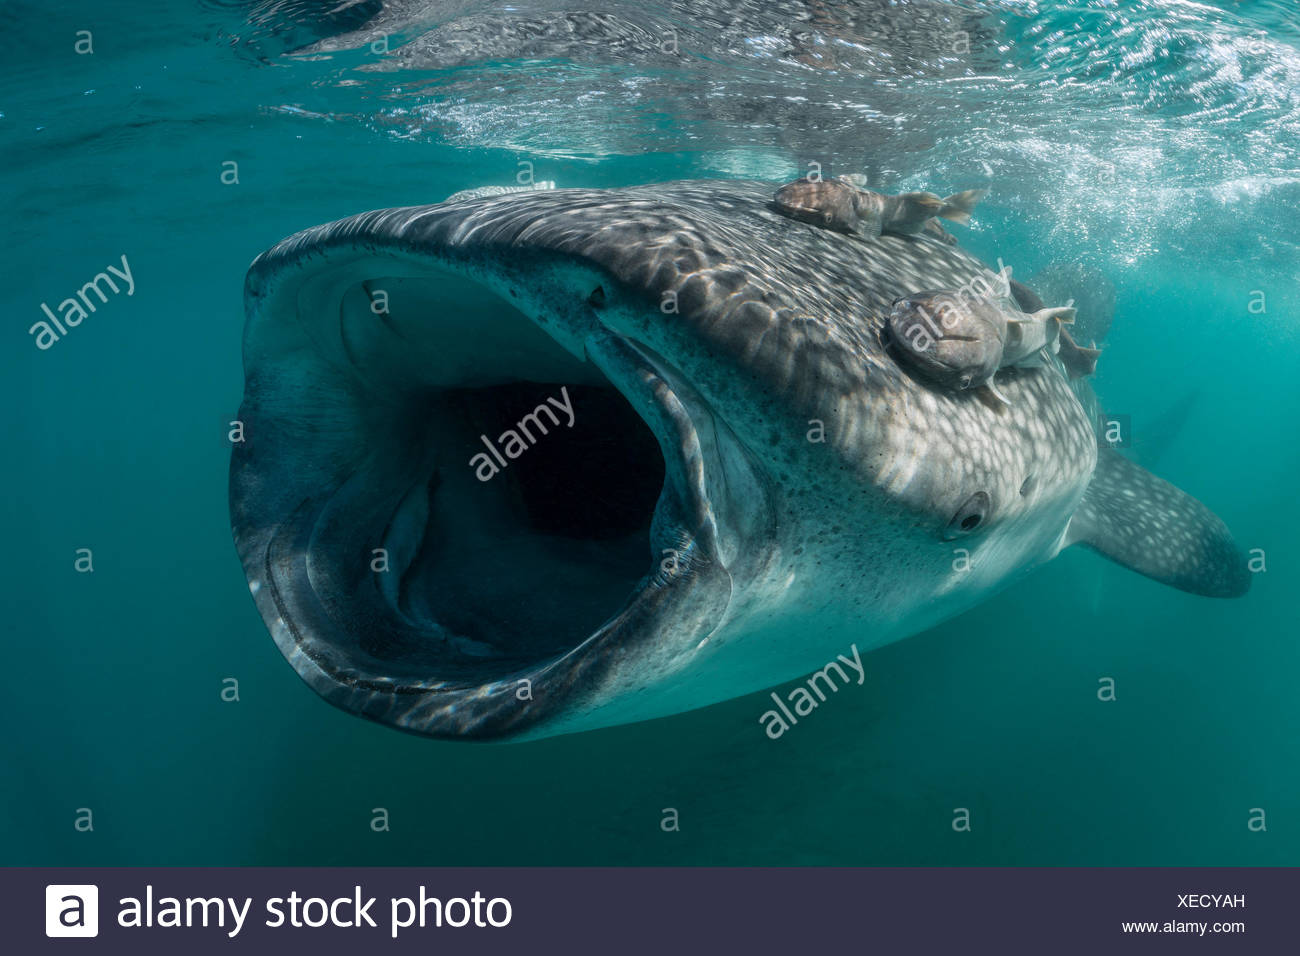 Requin-baleine se nourrit de plancton, Rhincodon typus, La Paz, Baja California Sur, Mexique Banque D'Images